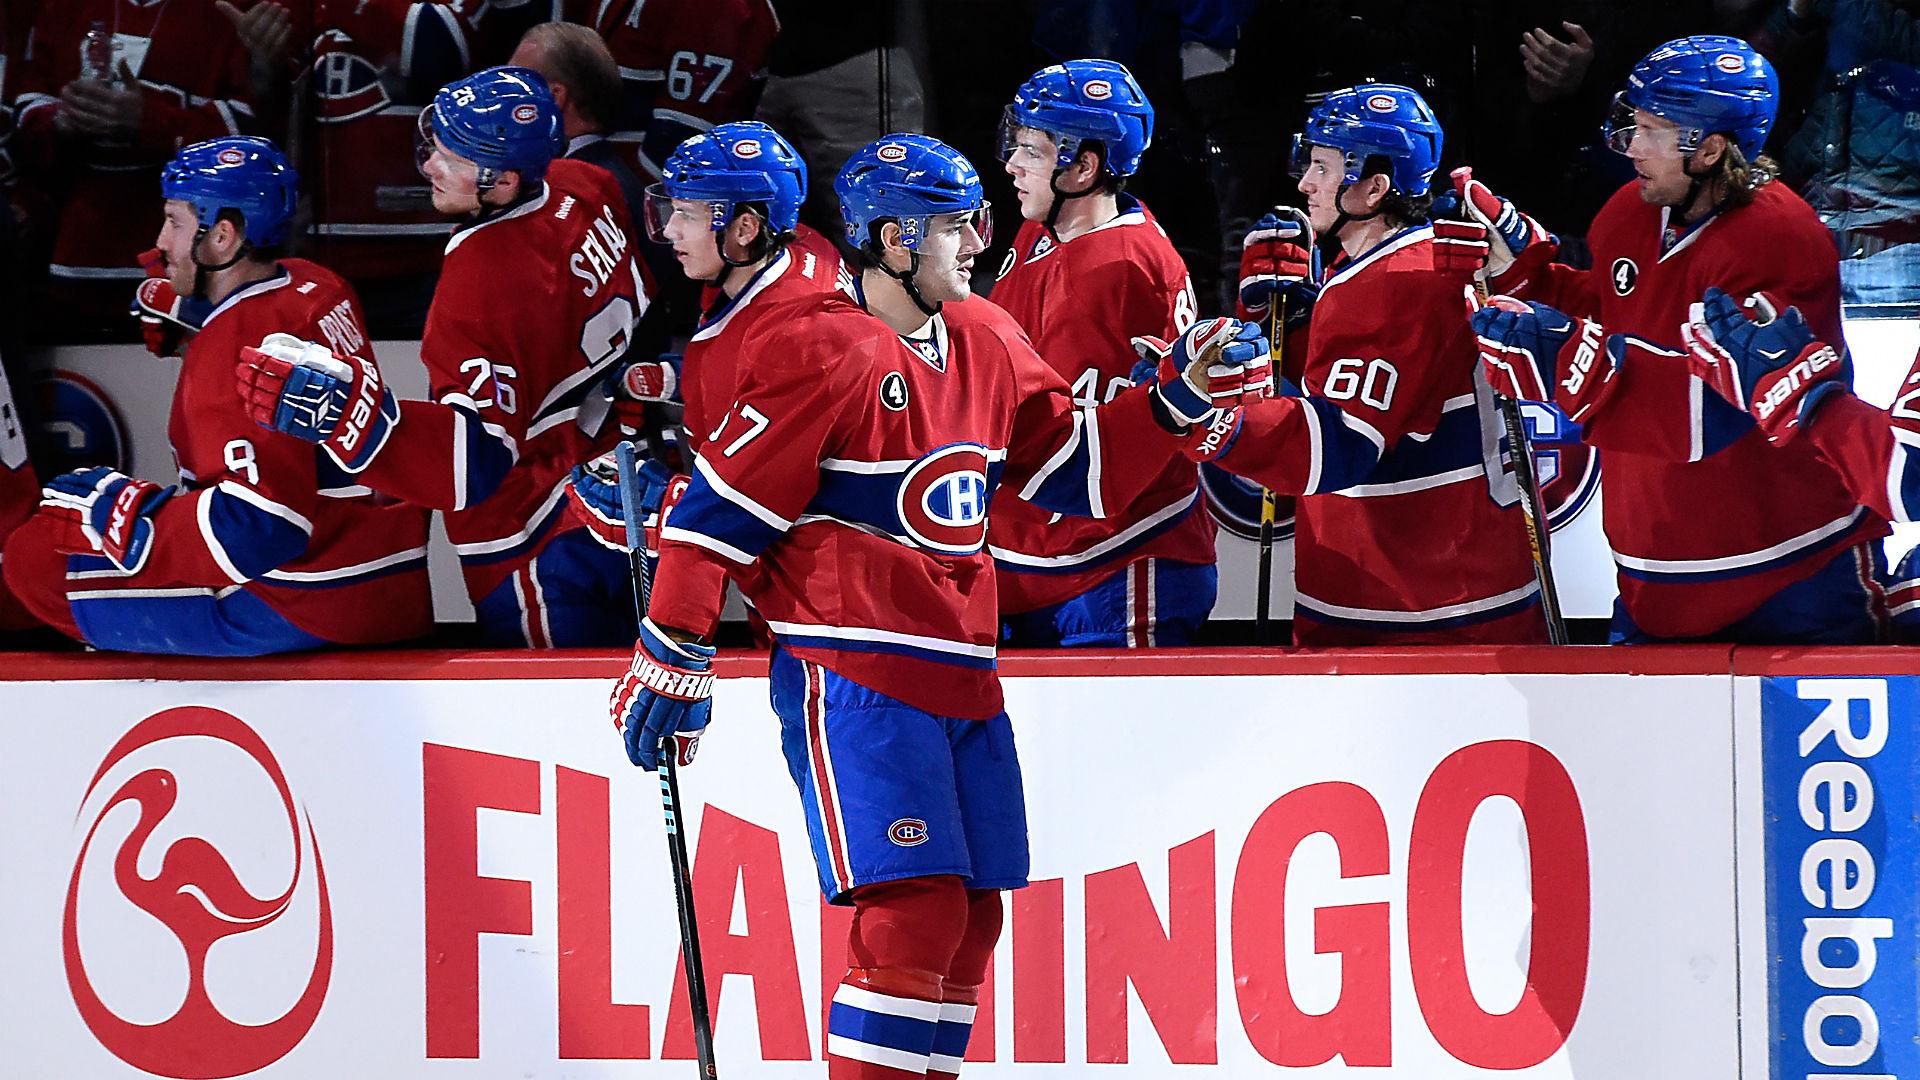 Montreal Canadiens-11115-getty-ftr.jpg